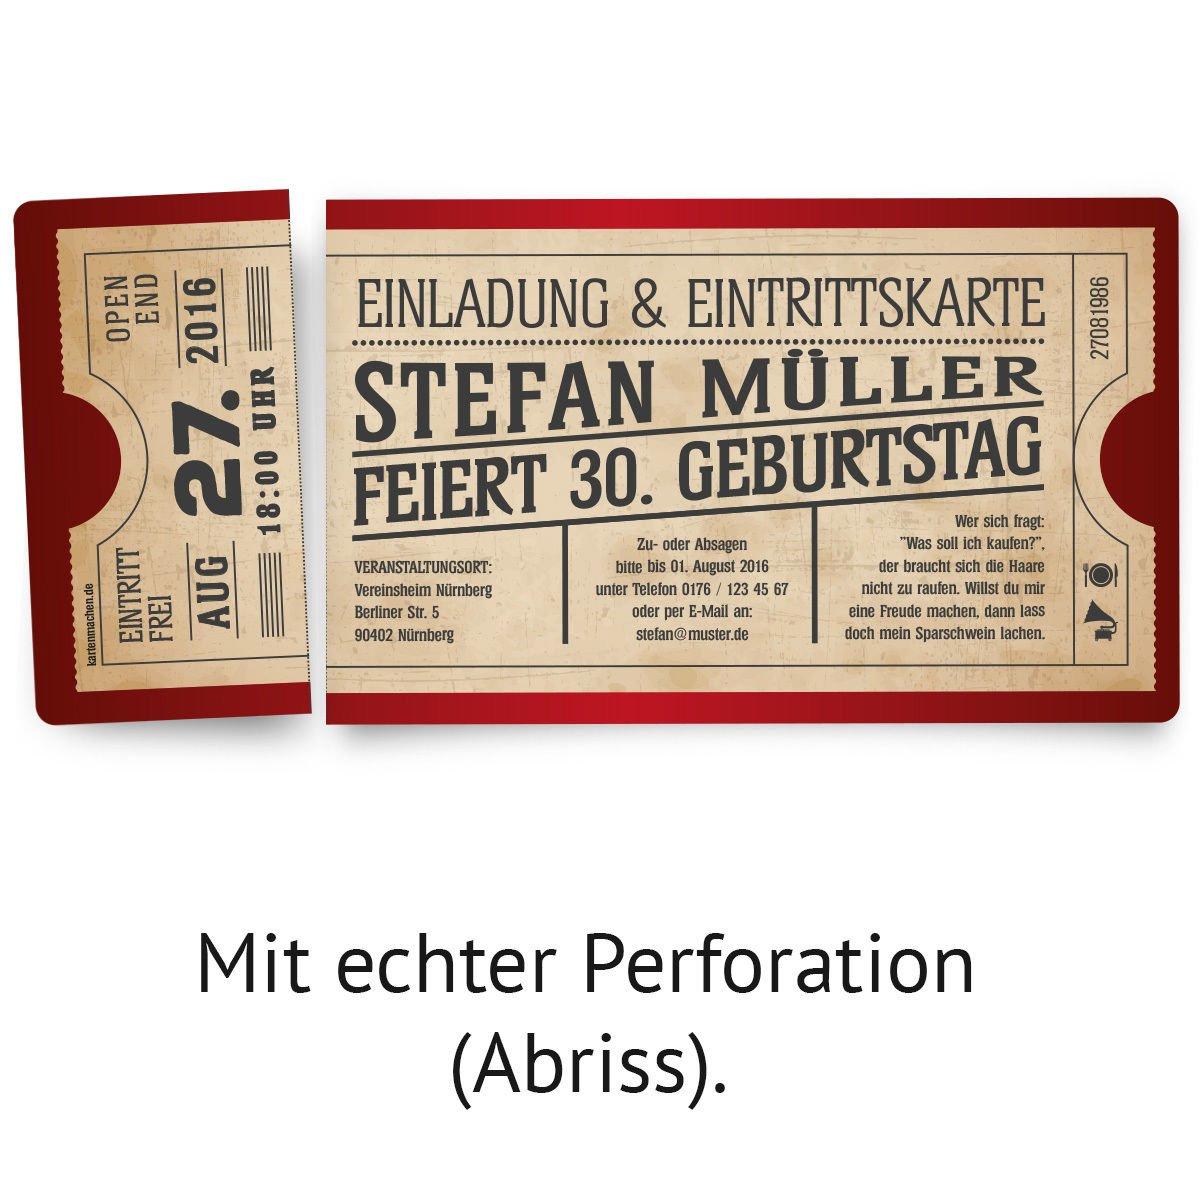 Berühmt Vorlage Eines Tickets Bilder - Entry Level Resume Vorlagen ...